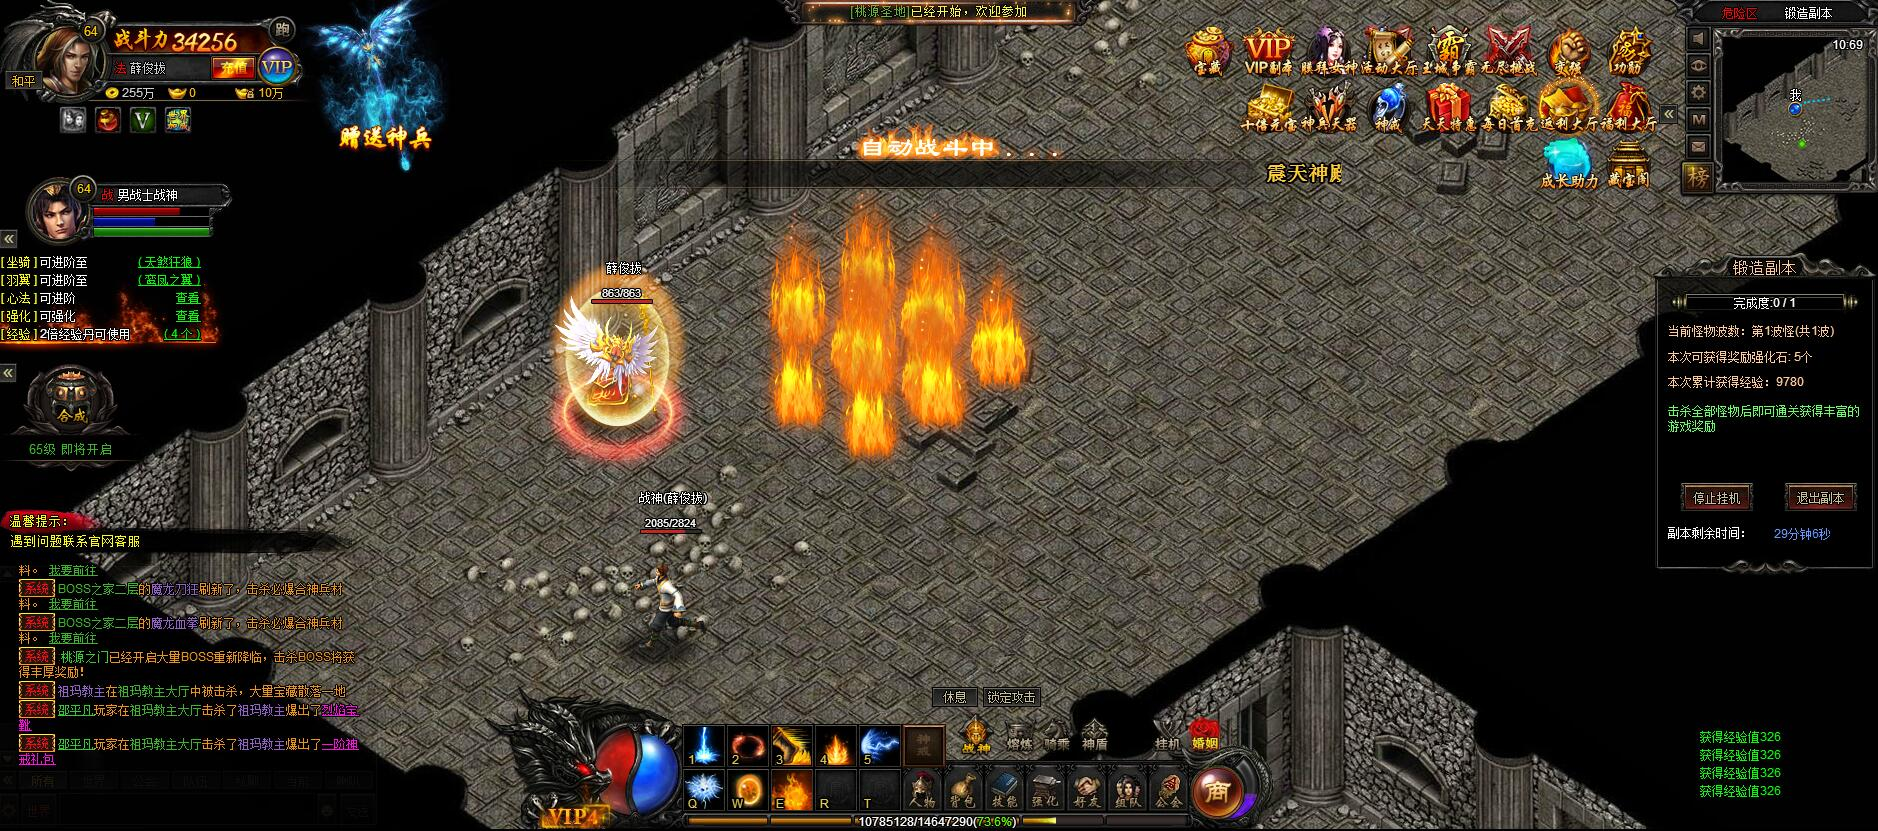 征战王城游戏截图2